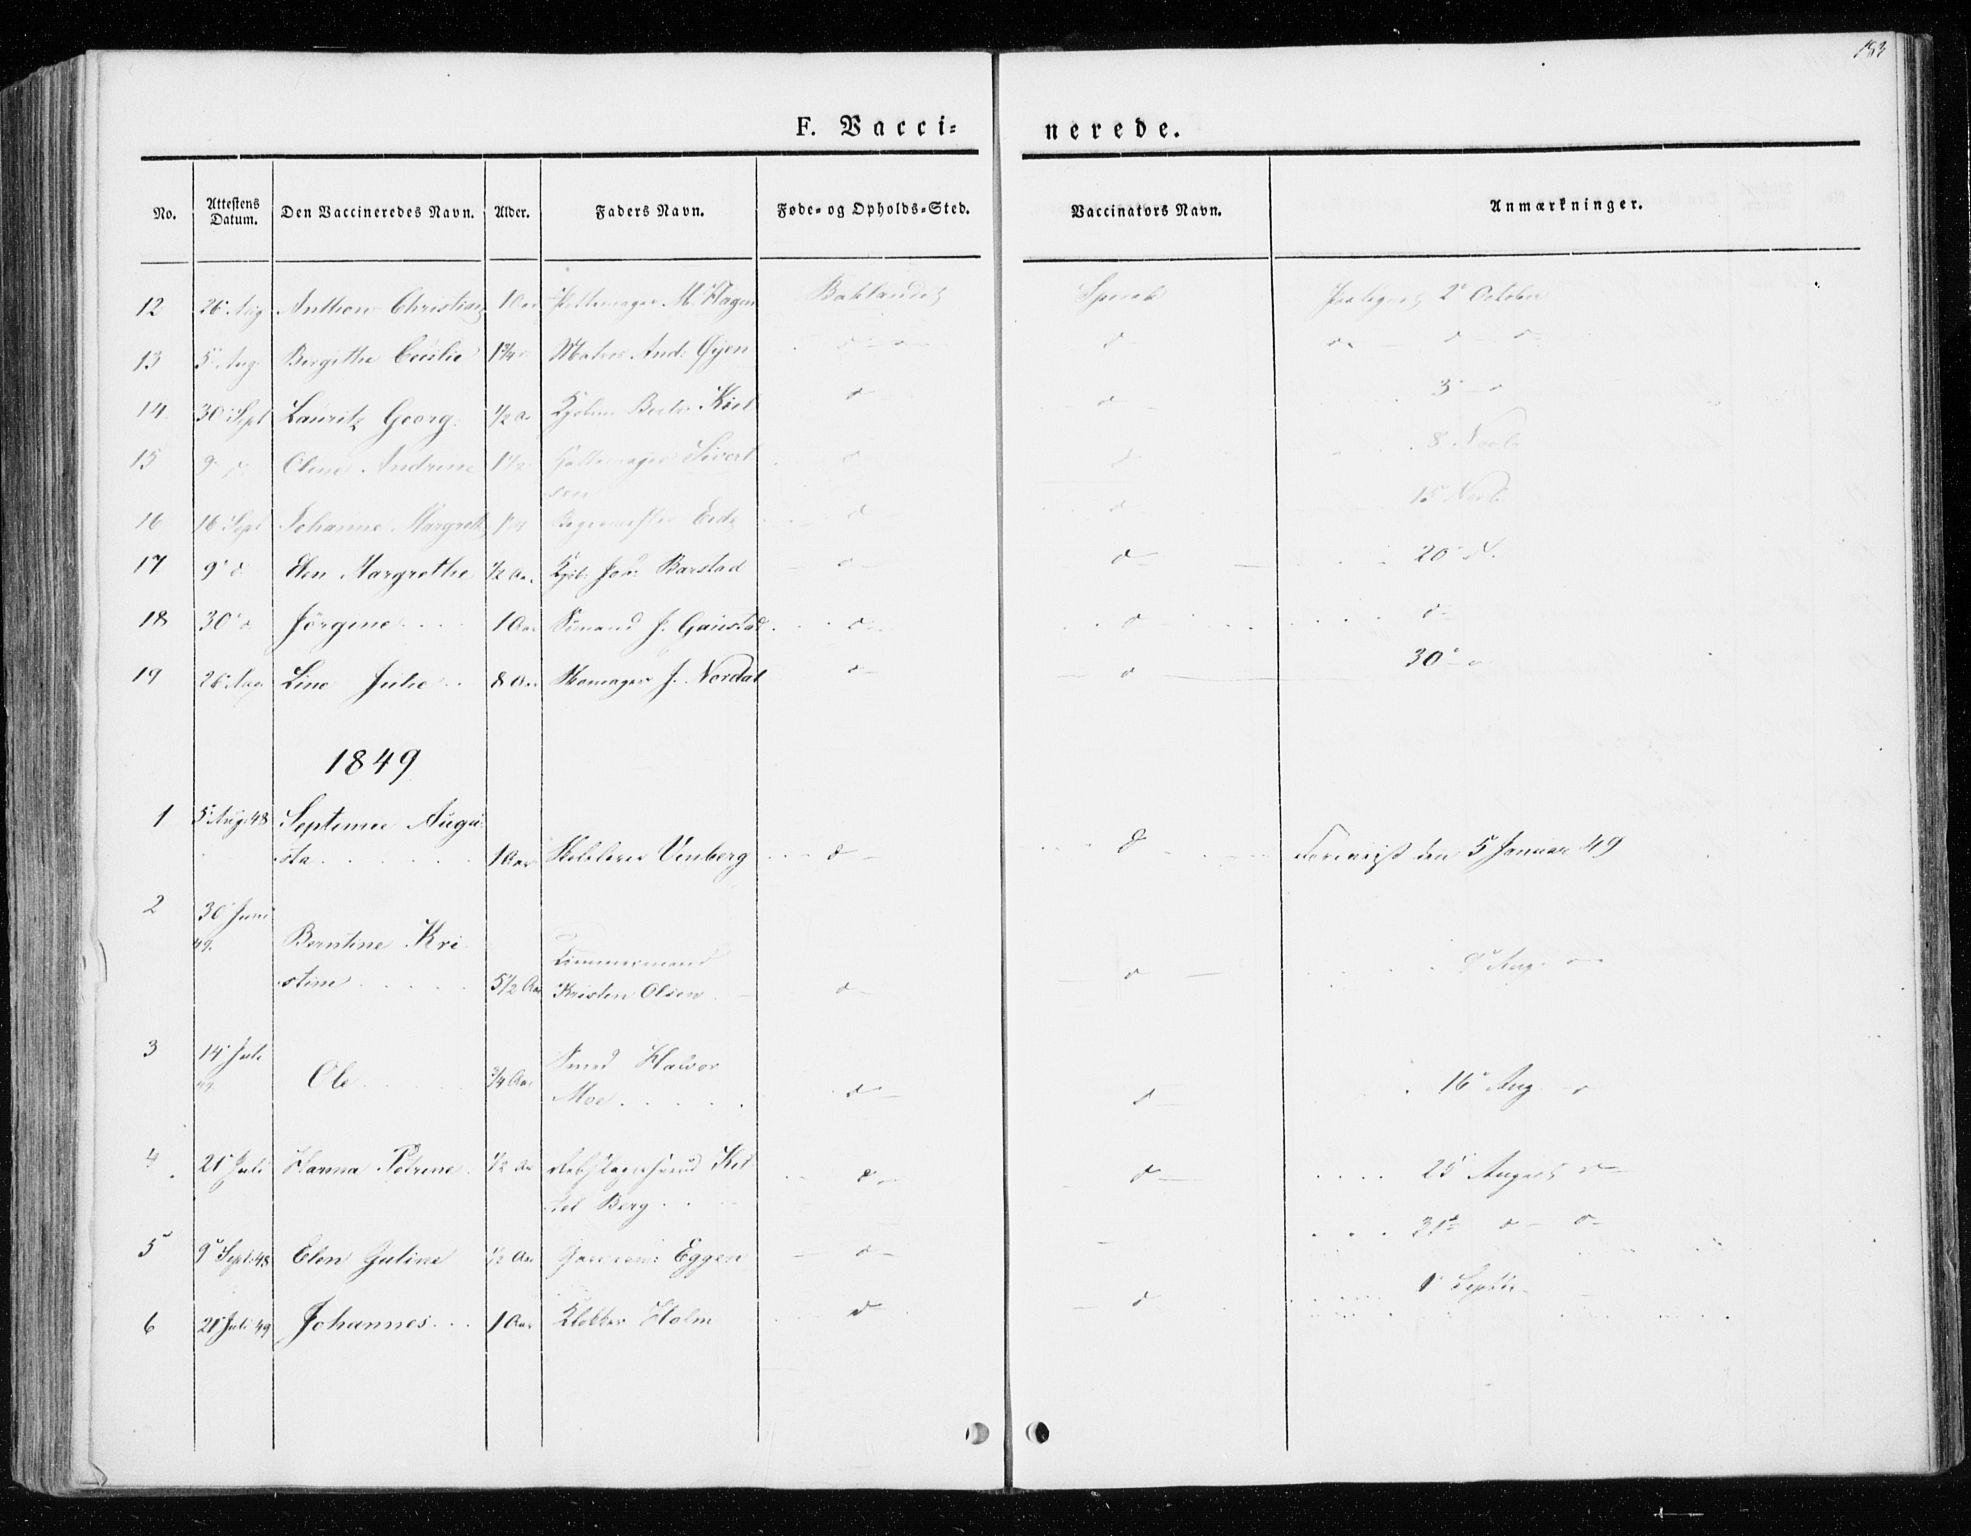 SAT, Ministerialprotokoller, klokkerbøker og fødselsregistre - Sør-Trøndelag, 604/L0183: Ministerialbok nr. 604A04, 1841-1850, s. 183